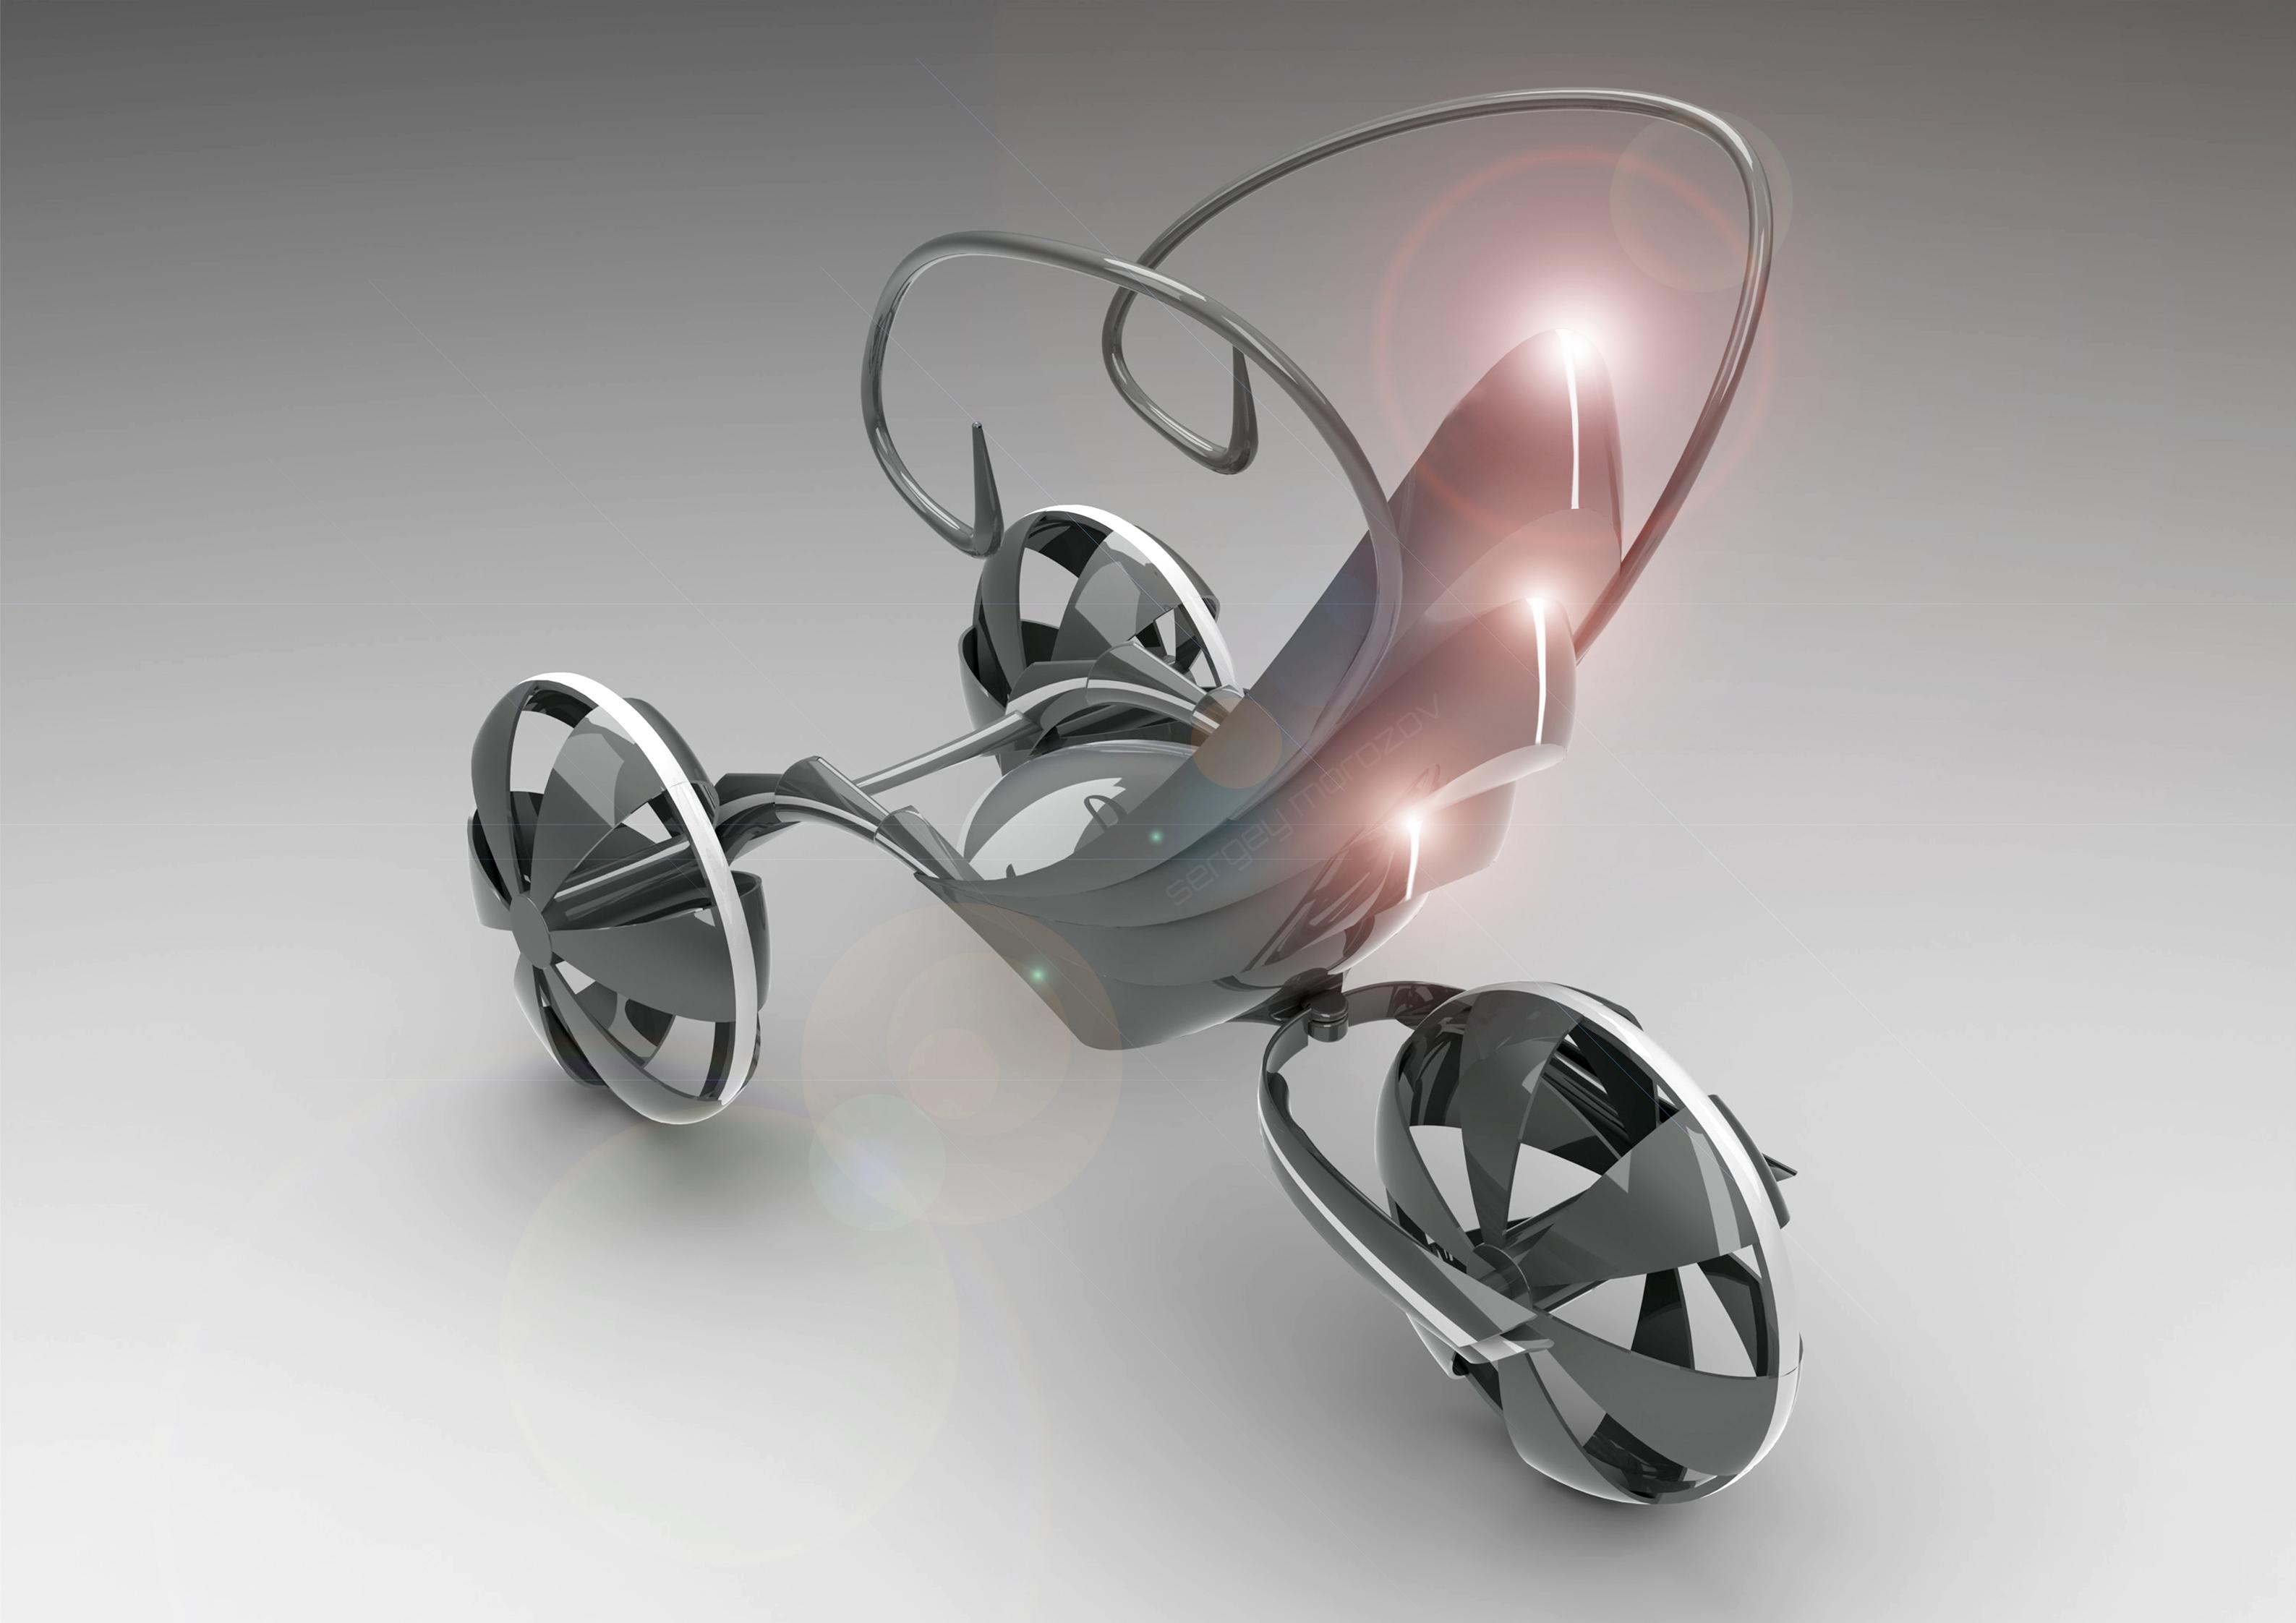 Caretta - концептуальный электрический скутер для бездорожья (5 фото)